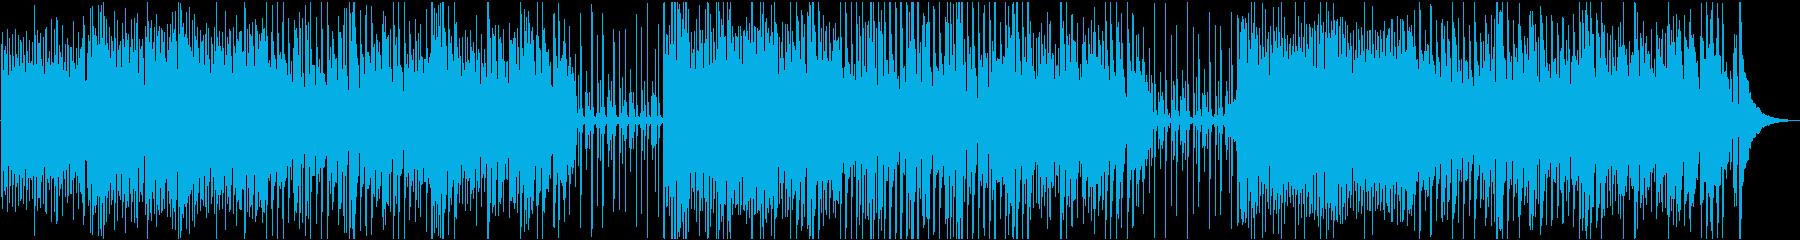 カントリー調の明るいオープニングの再生済みの波形